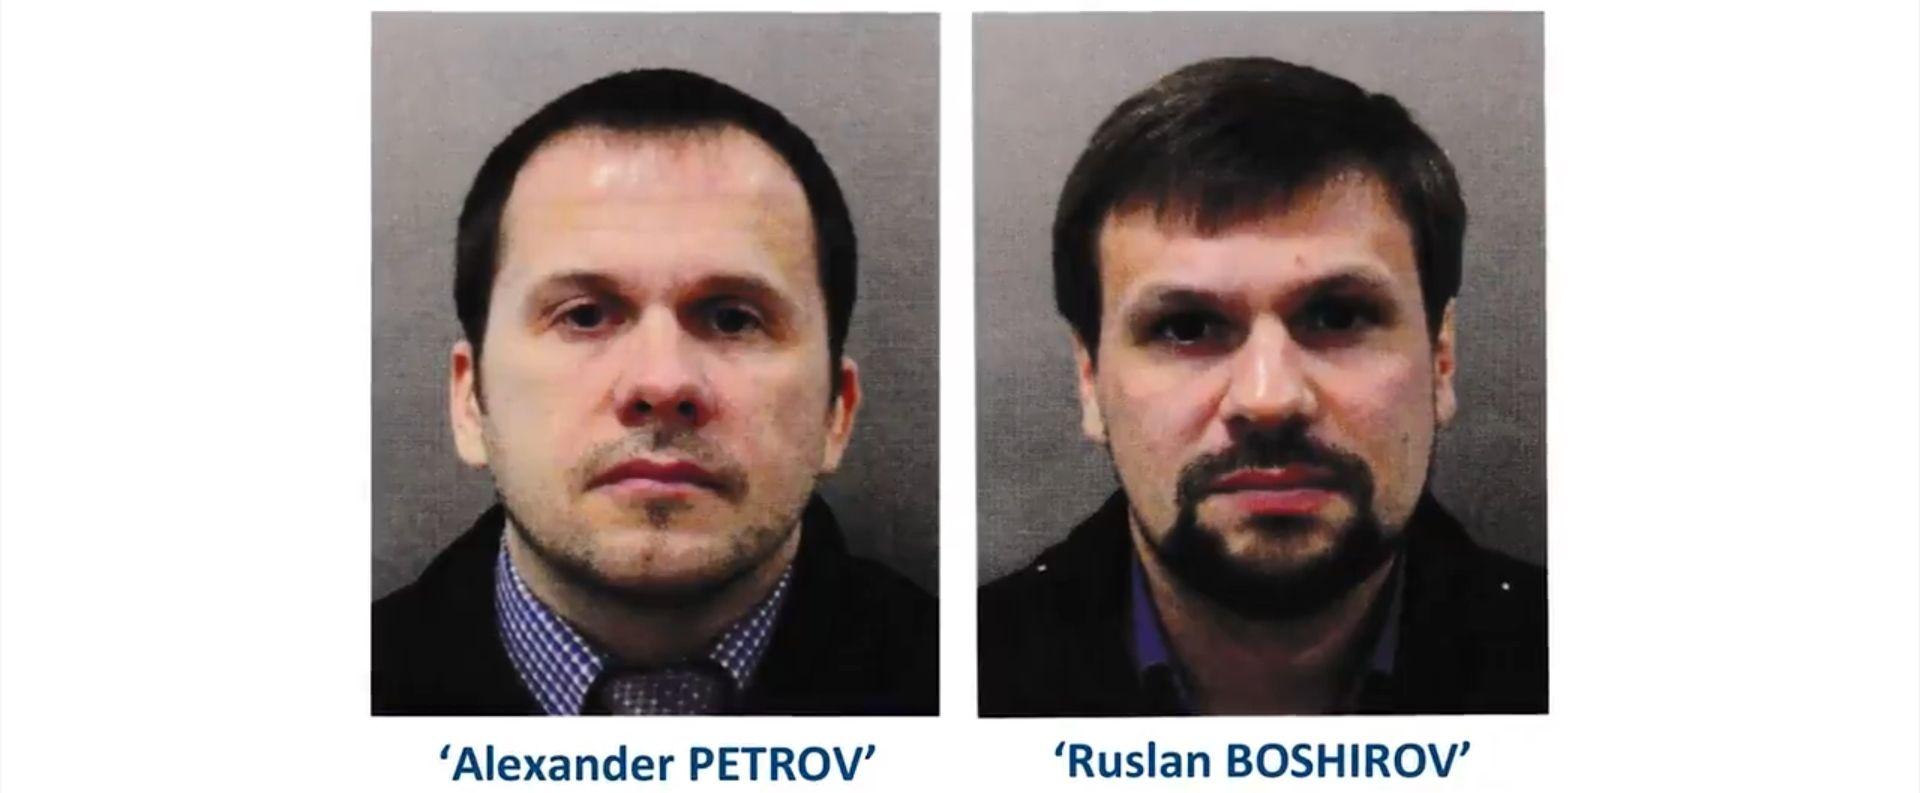 Objavljene fotografije i imena osumnjičenika za napad u Salisburyju